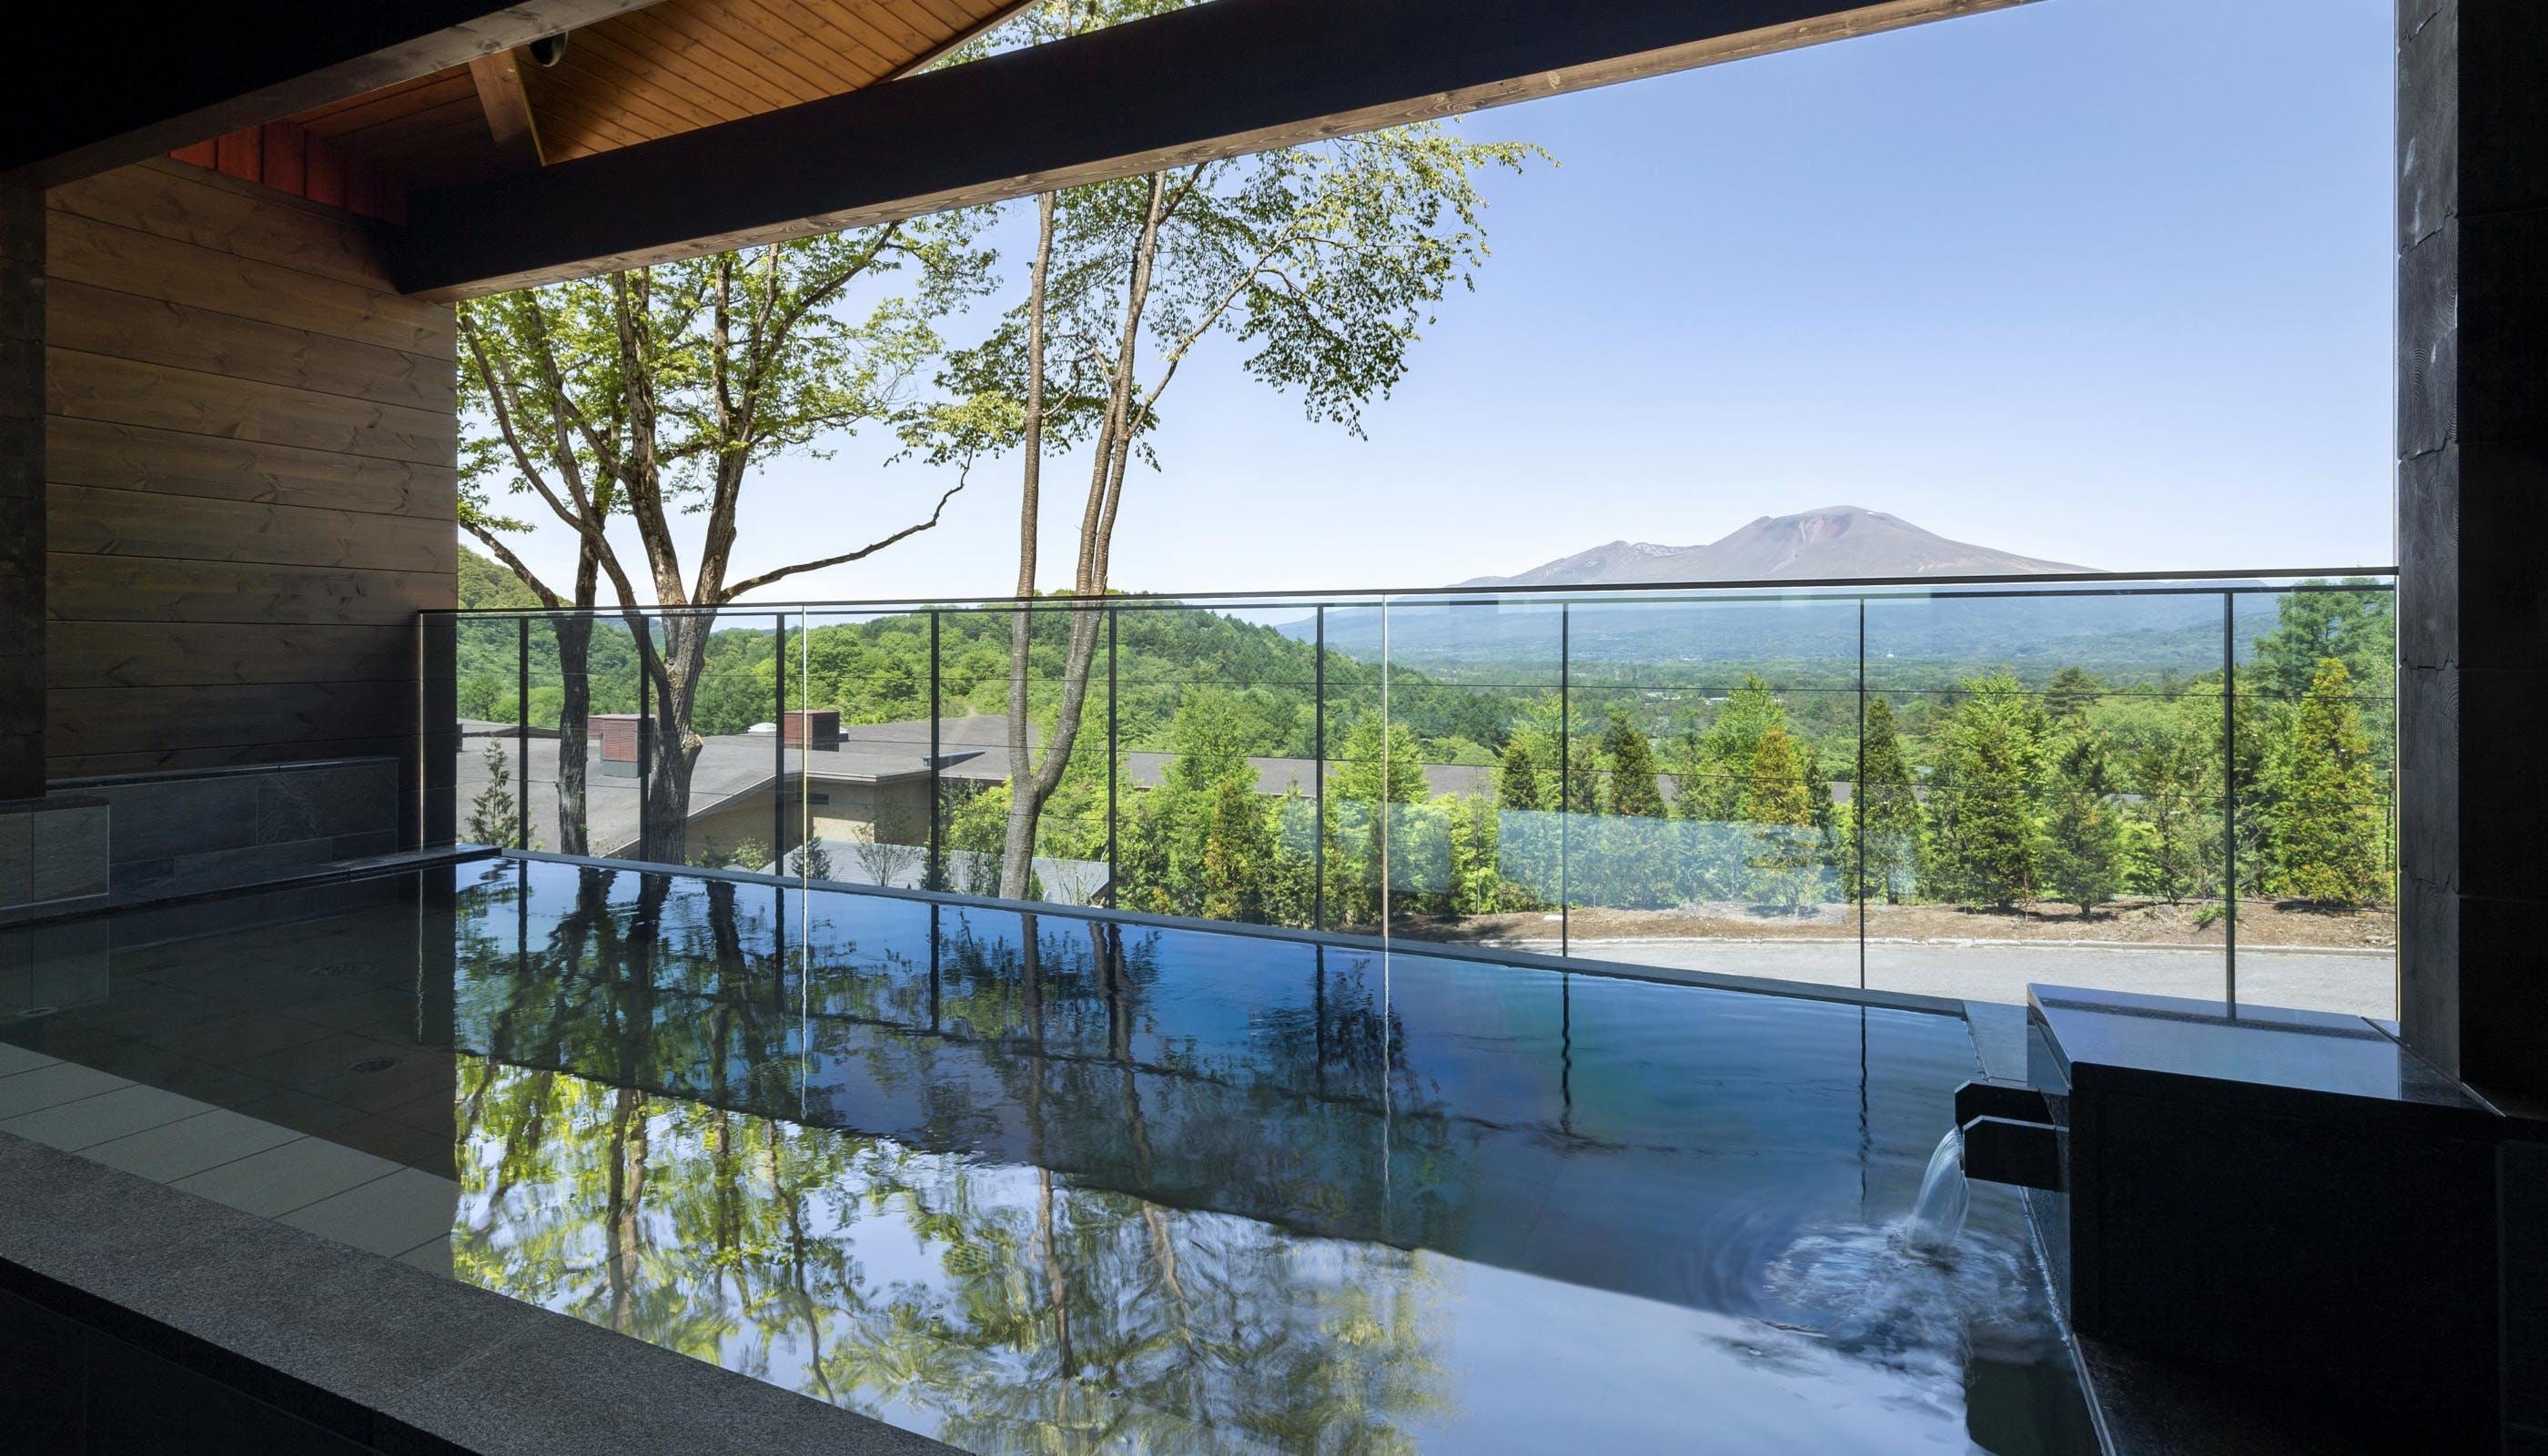 【取材】2019年7月、軽井沢 浅間プリンスホテルに絶景温泉と新客室が誕生!